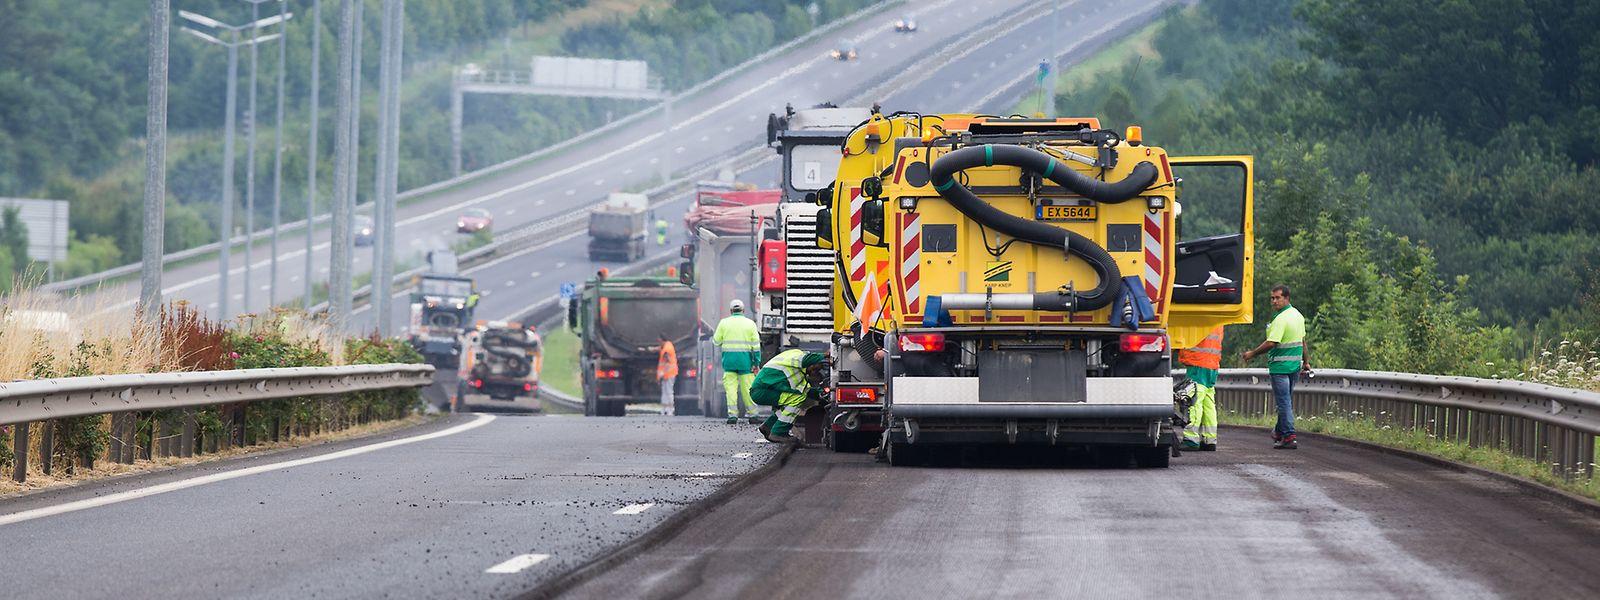 Vingt millions d'euros ont été prévus pour débuter le vaste chantier en 2021.